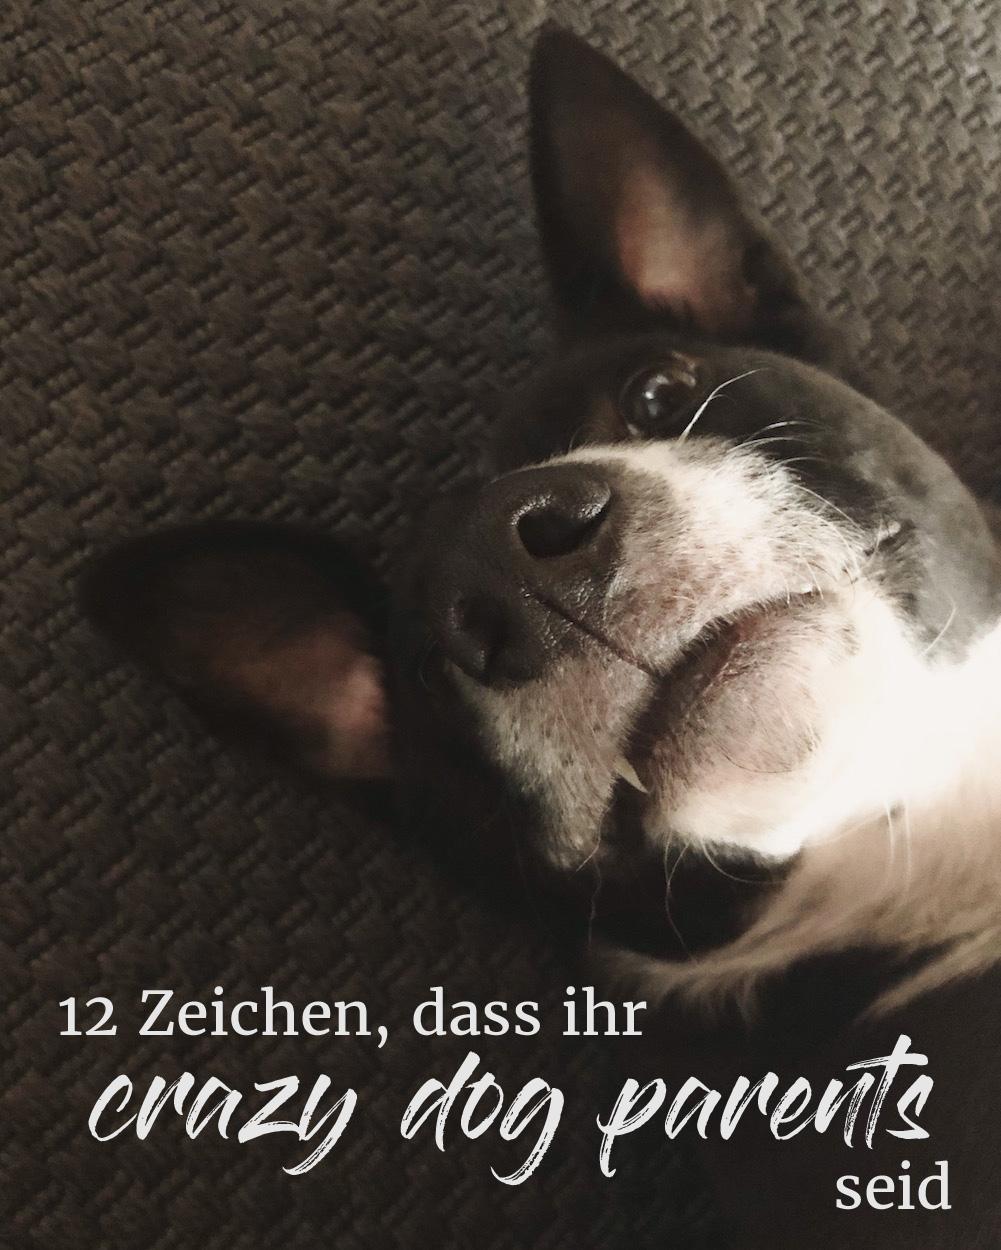 12 klare Zeichen, anhand derer auch du bestimmen kannst, ob du zu den crazy dog parents gehörst.